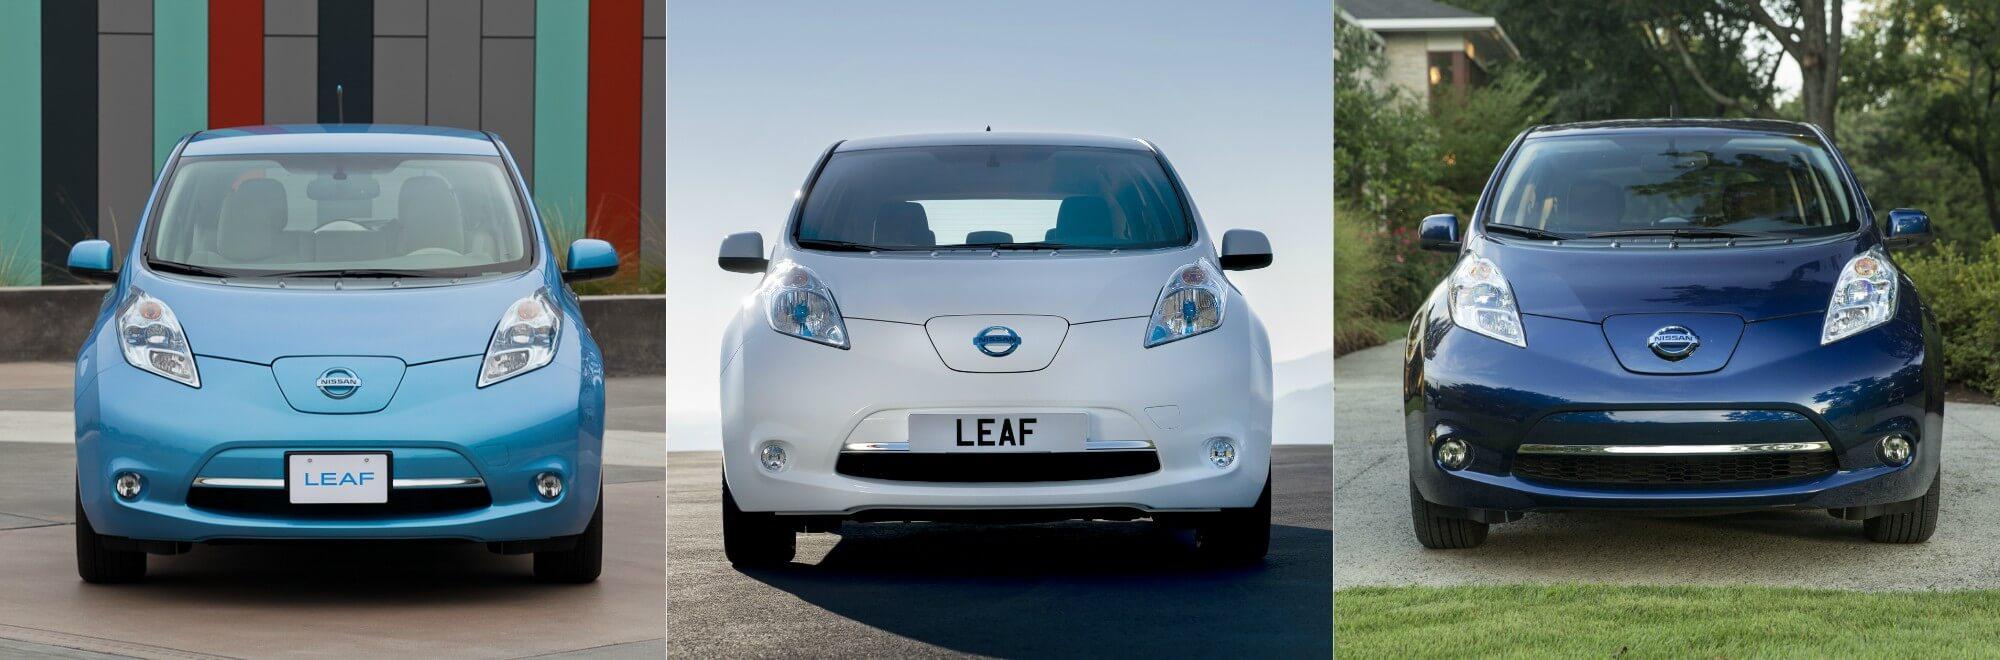 Модельный ряд Nissan Leaf первого поколения внешне без отличий